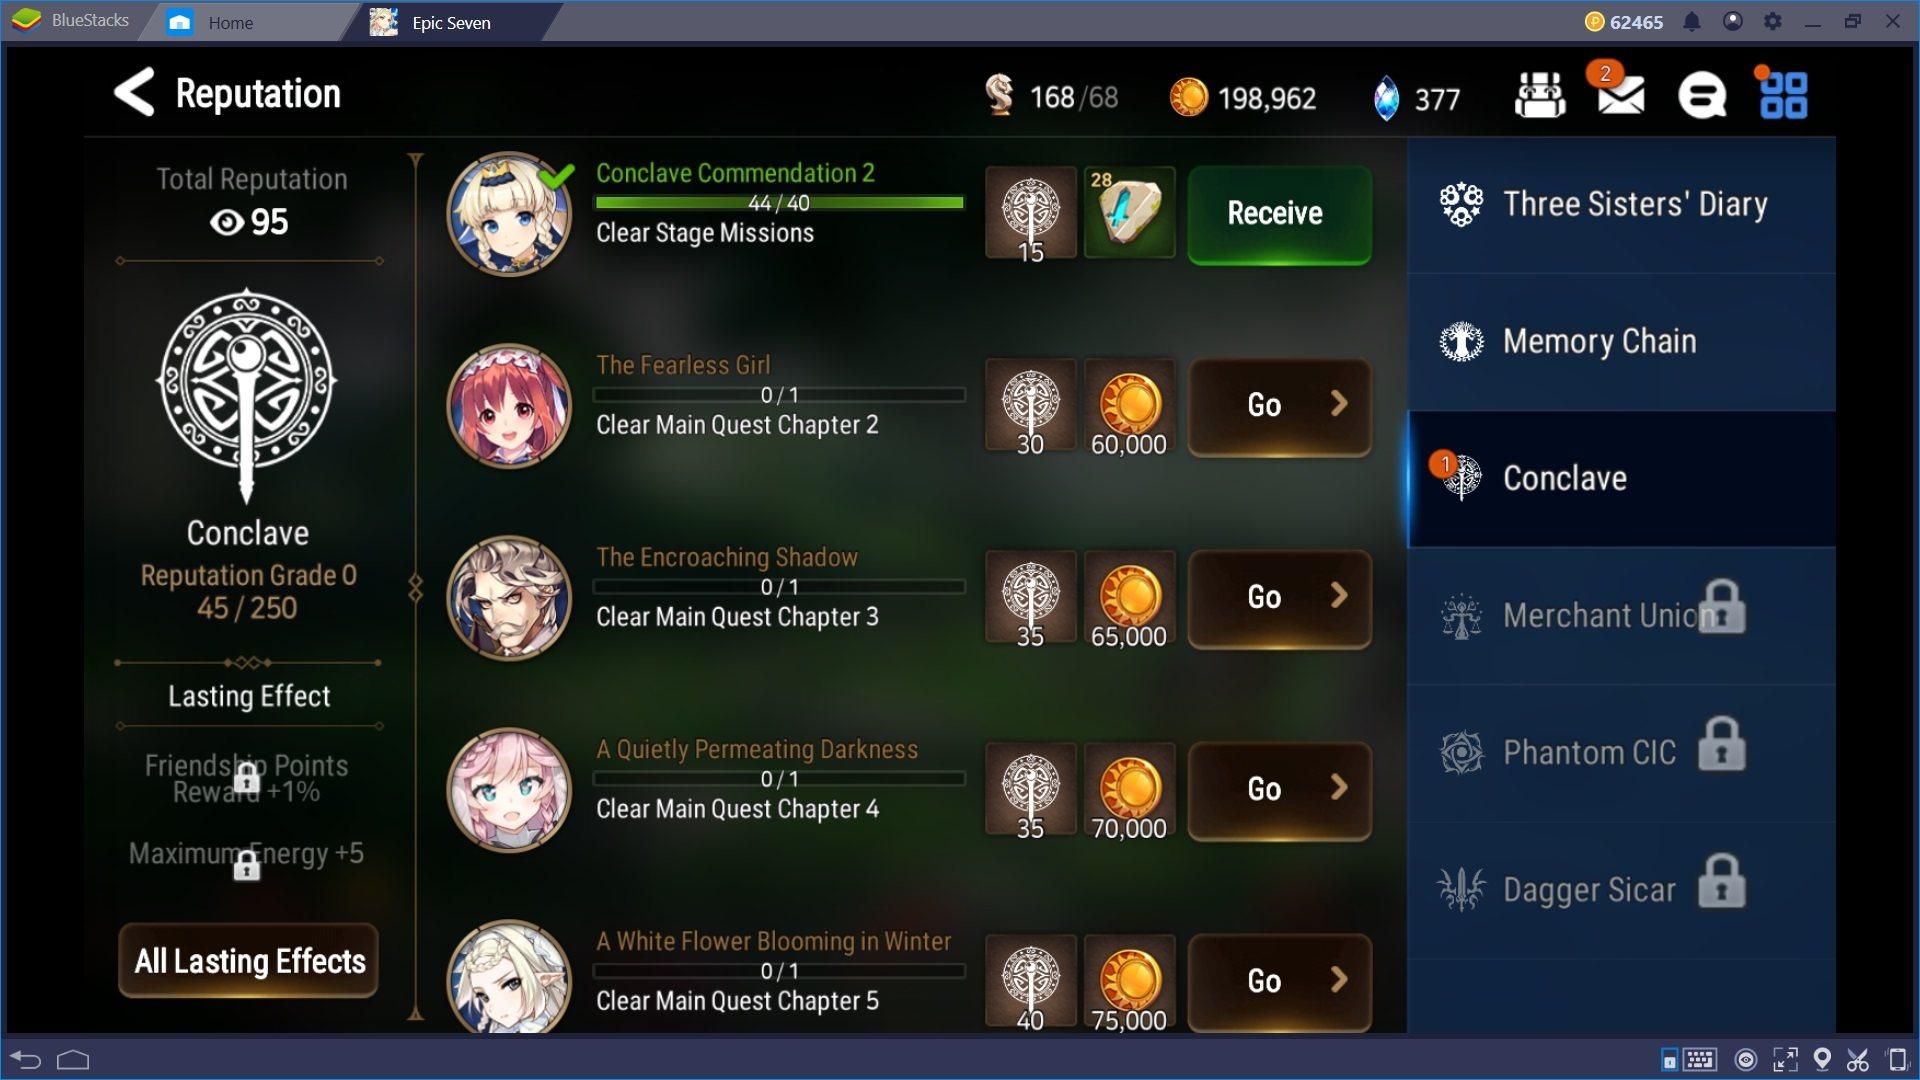 Epic Seven: La Guida per i Nuovi Giocatori